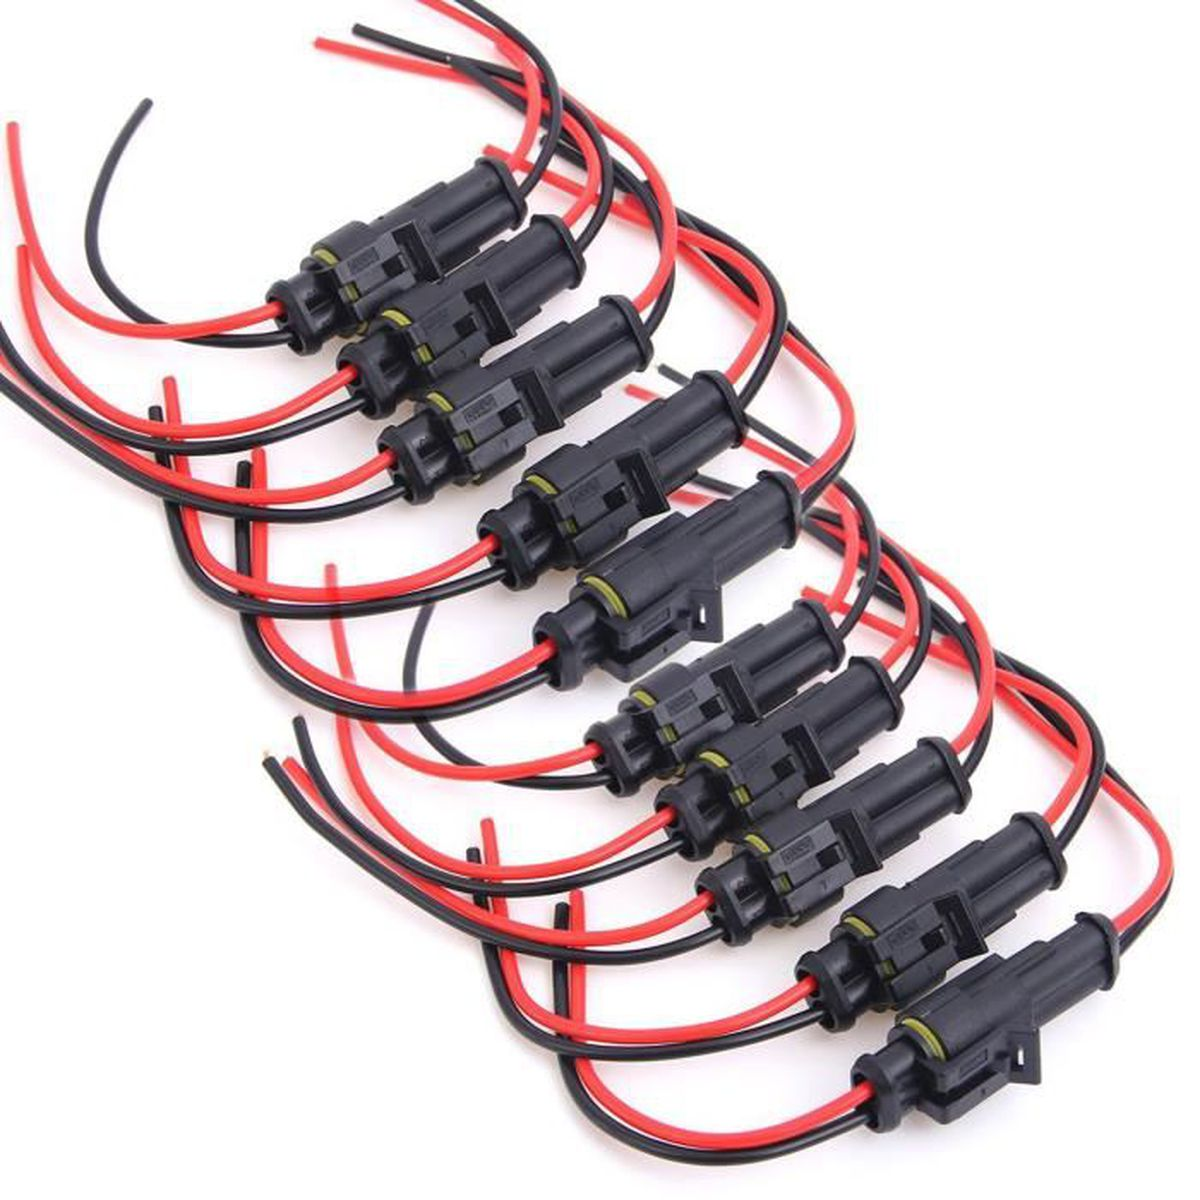 10x Connecteur Electrique Contact Superseal 2-Poles sans Cable Etanche Voiture Auto